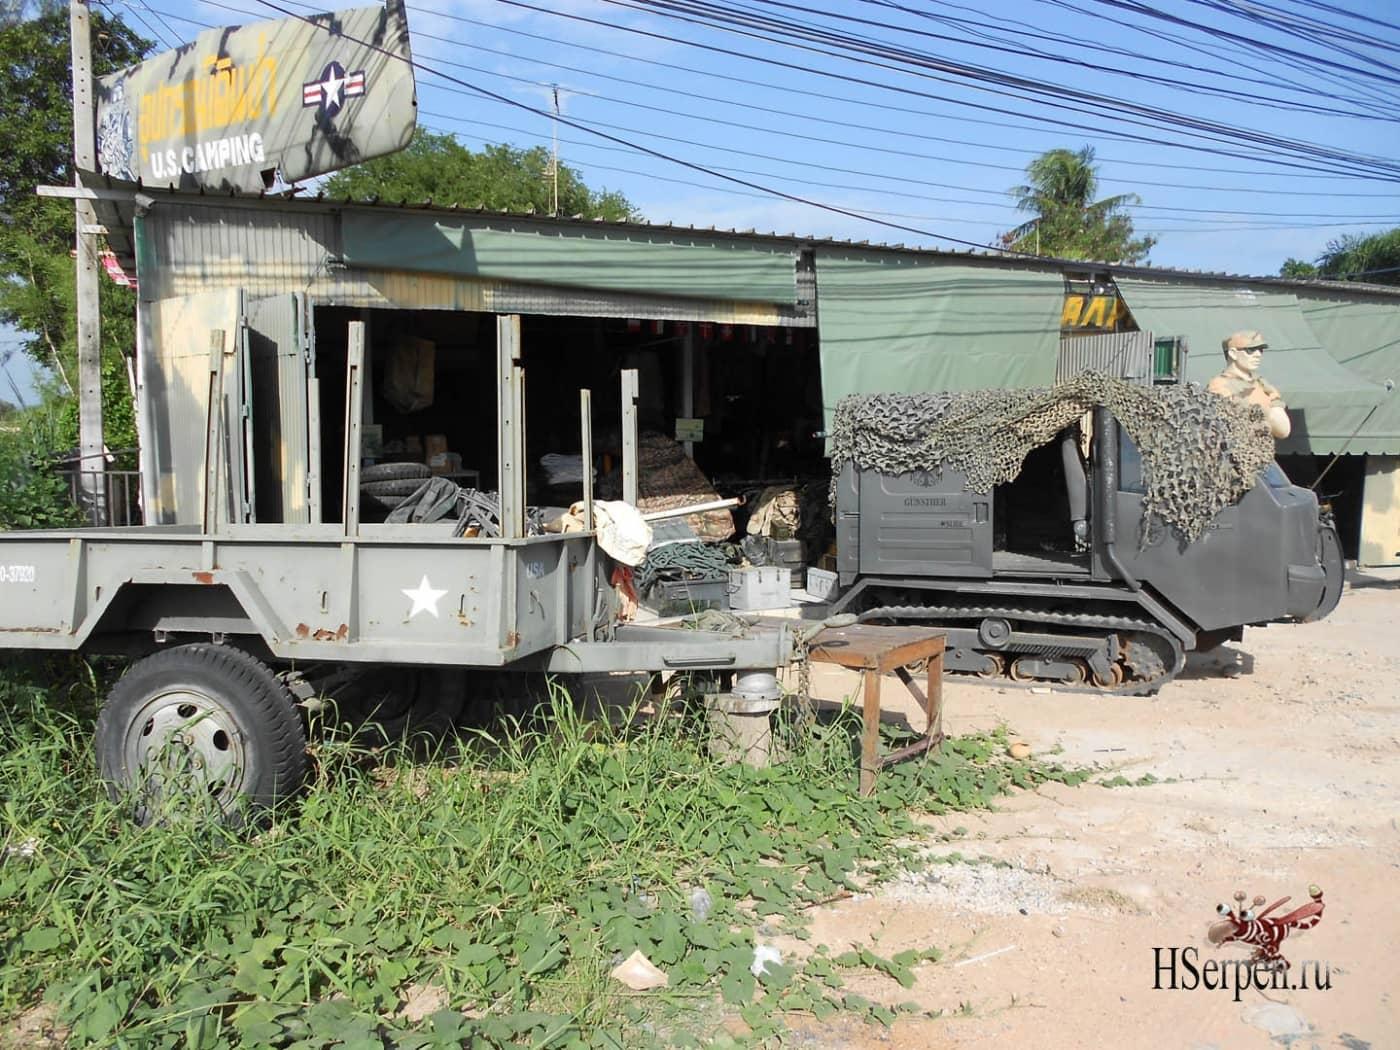 Шоппинг в Паттайе: магазин одежды в стиле милитари и военного снаряжения в районе Джомтьен